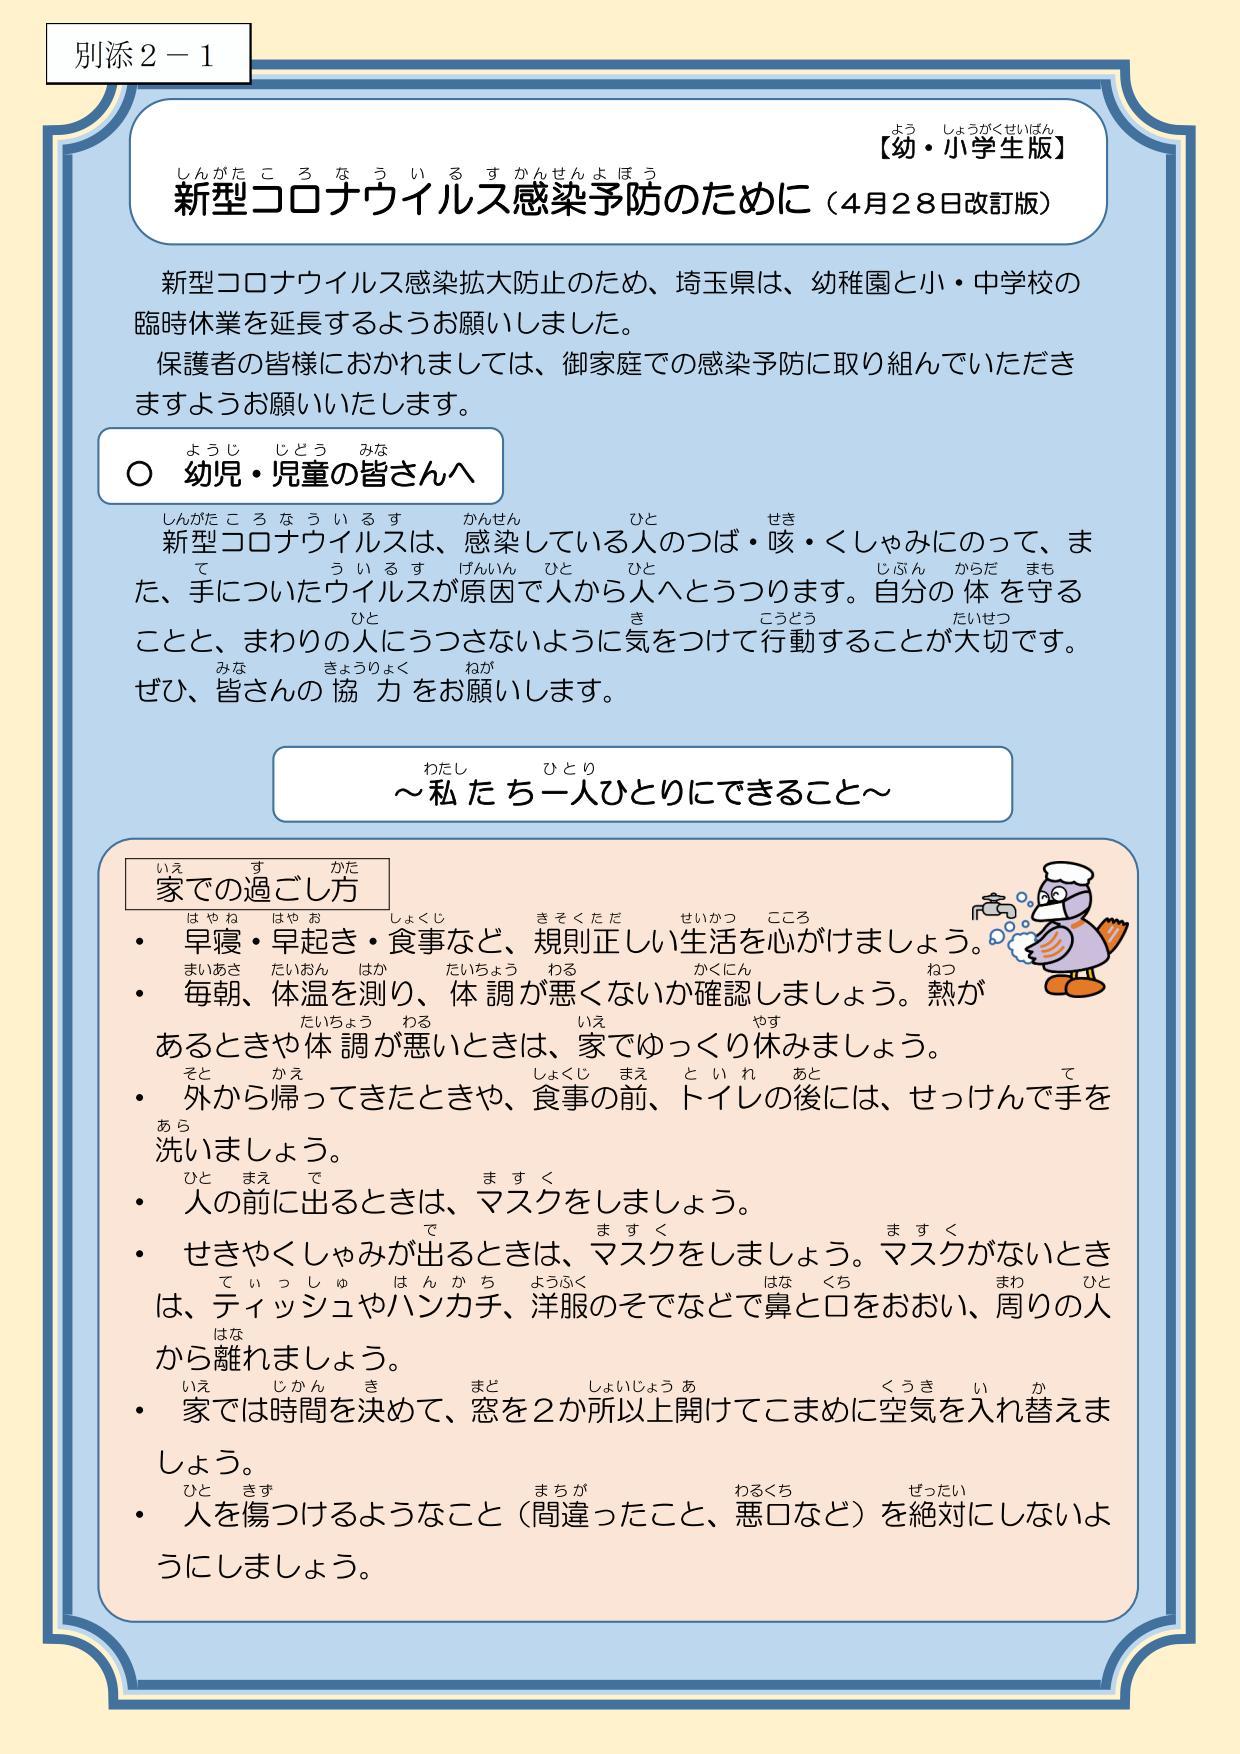 教育 会 委員 県 埼玉